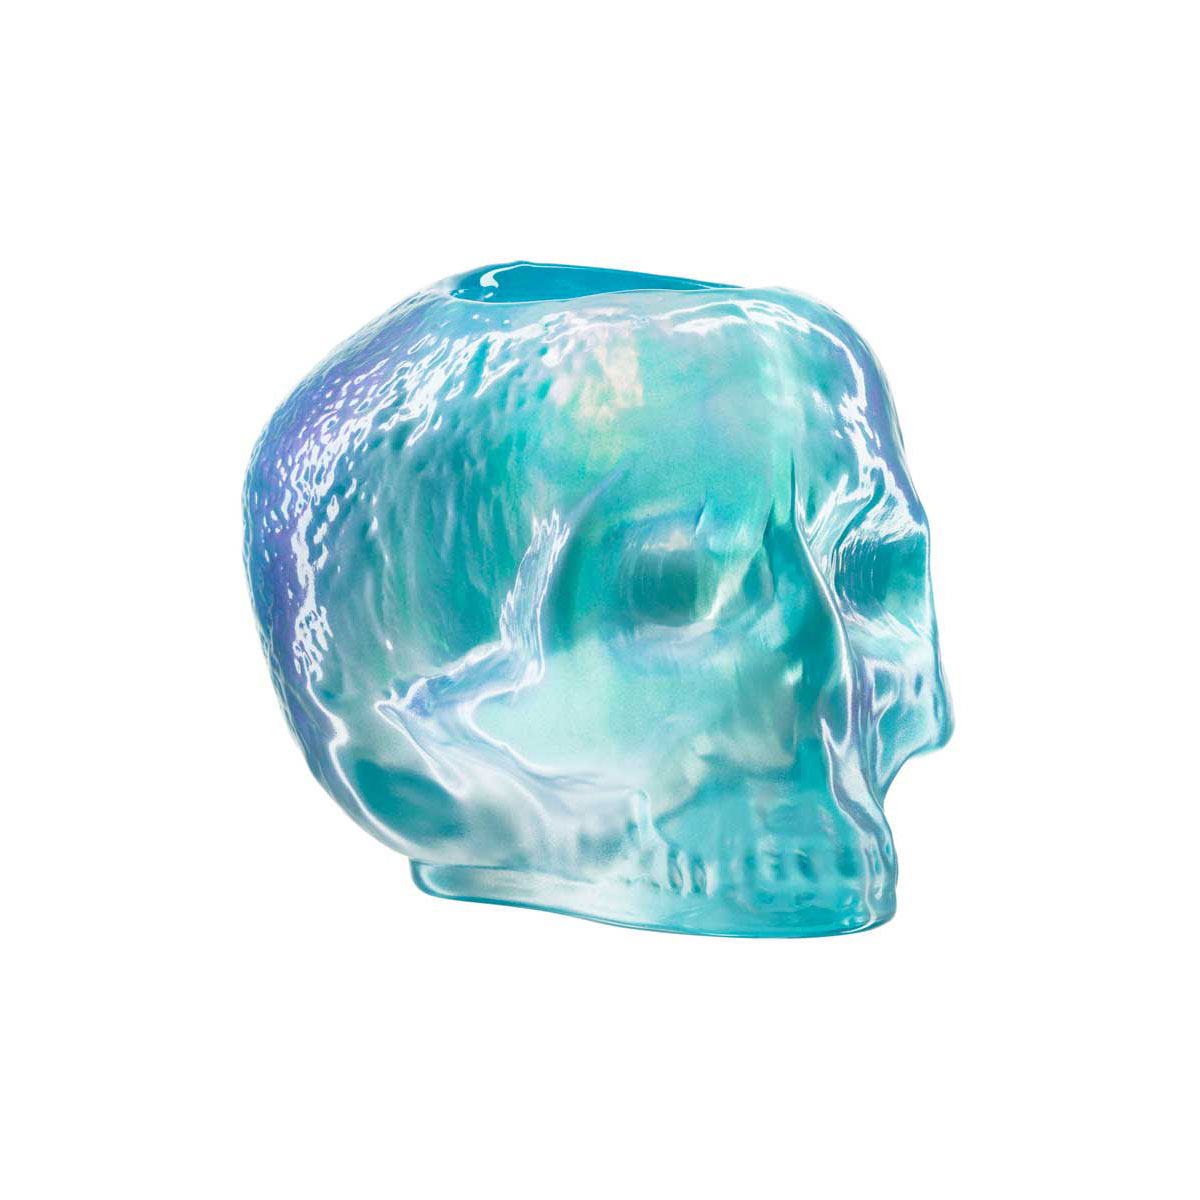 Kosta Boda Still Life Skull Crystal Votive, Light Blue